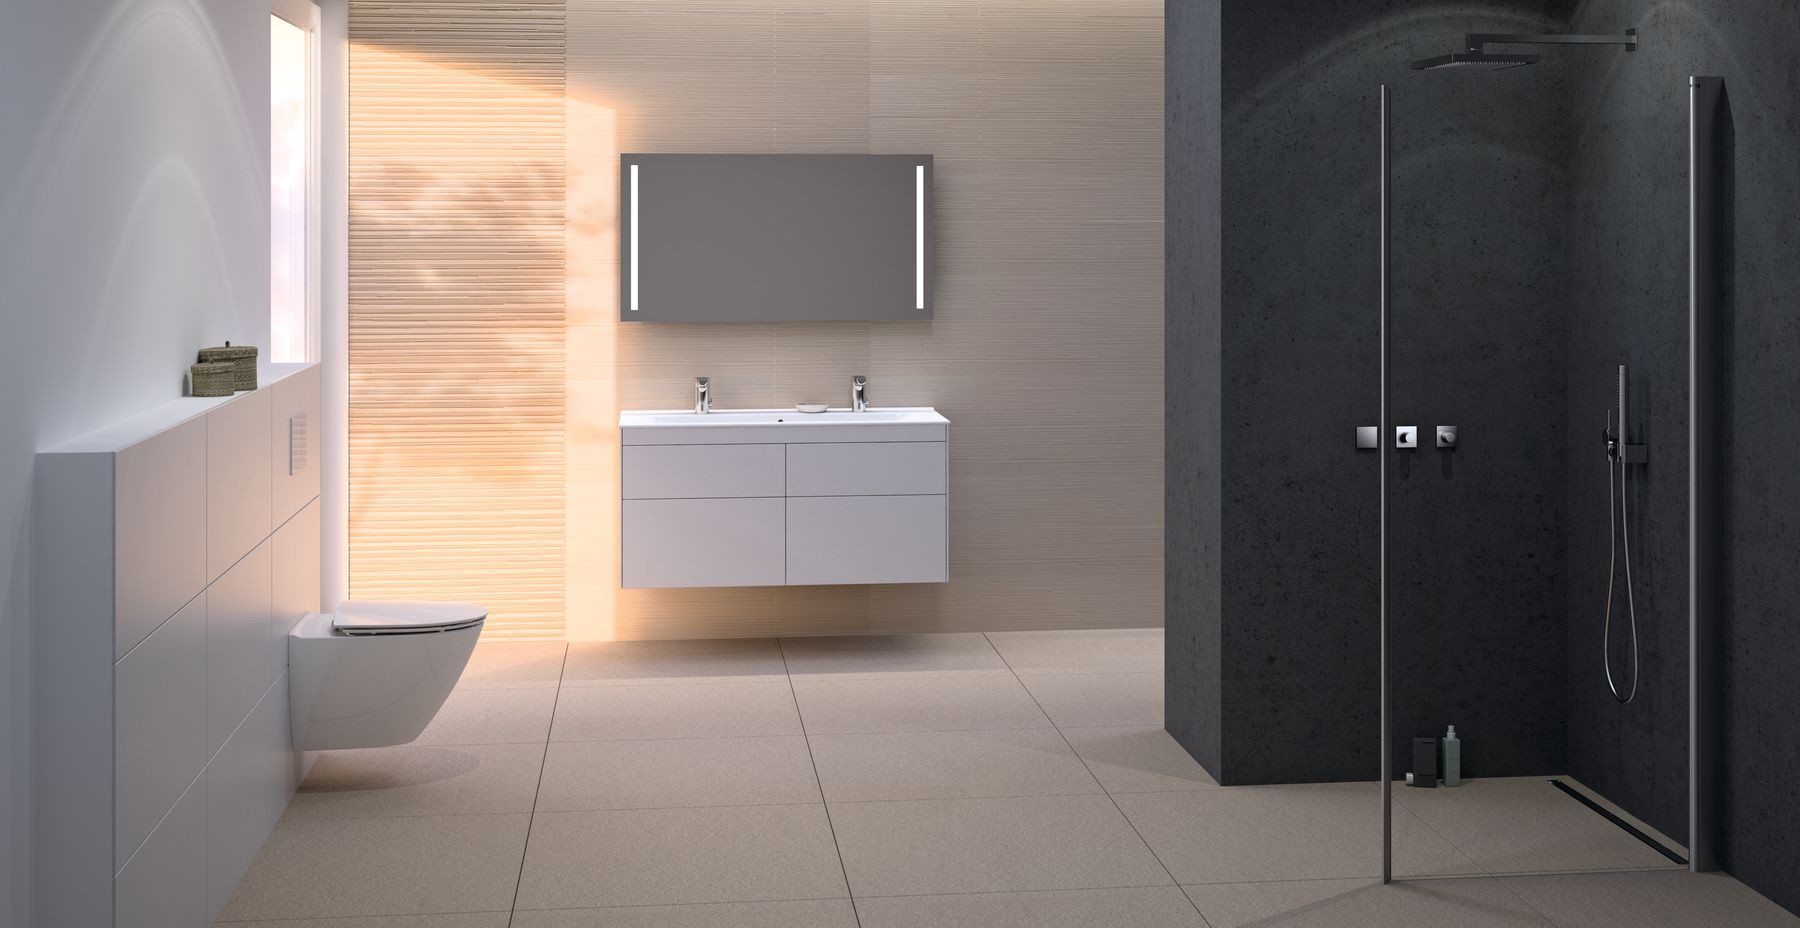 2017 Bathroom 07 J Private Family Scandinavia.tif_bigview_${06517815}